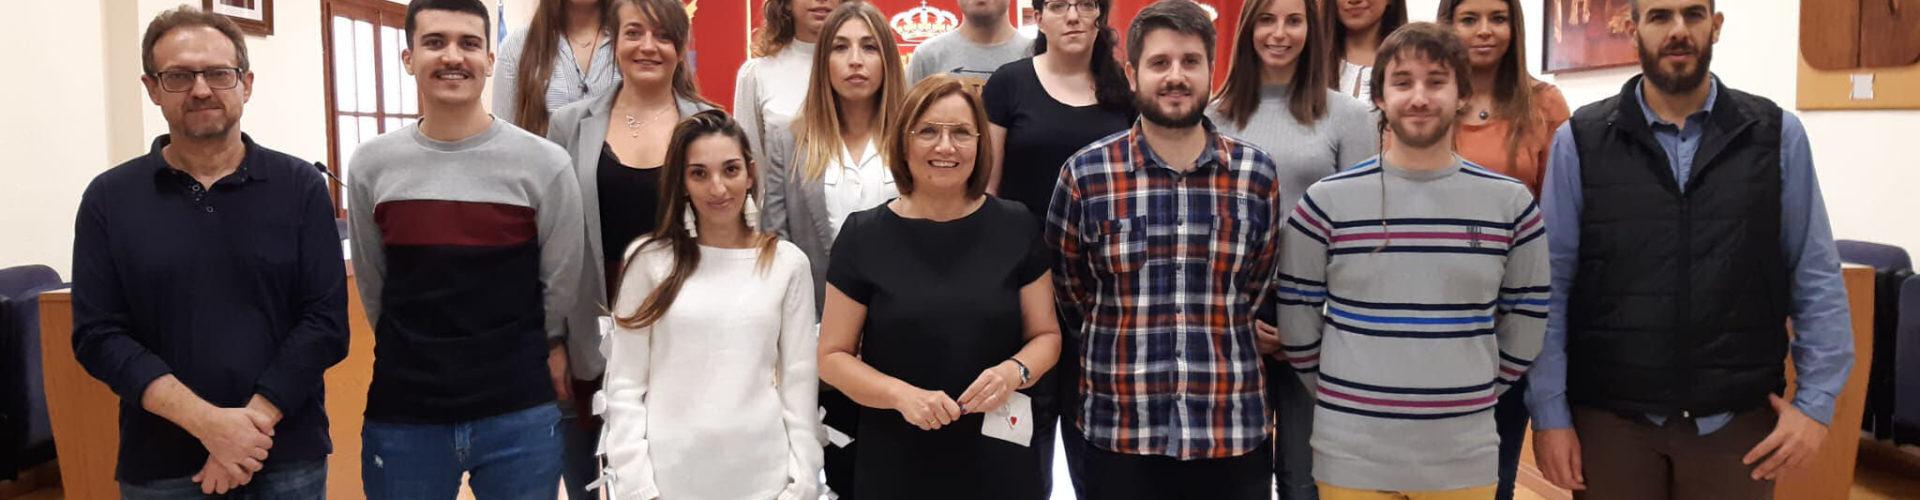 Benicarló contracta 15 joves aturats a través del programa Avalem Joves +